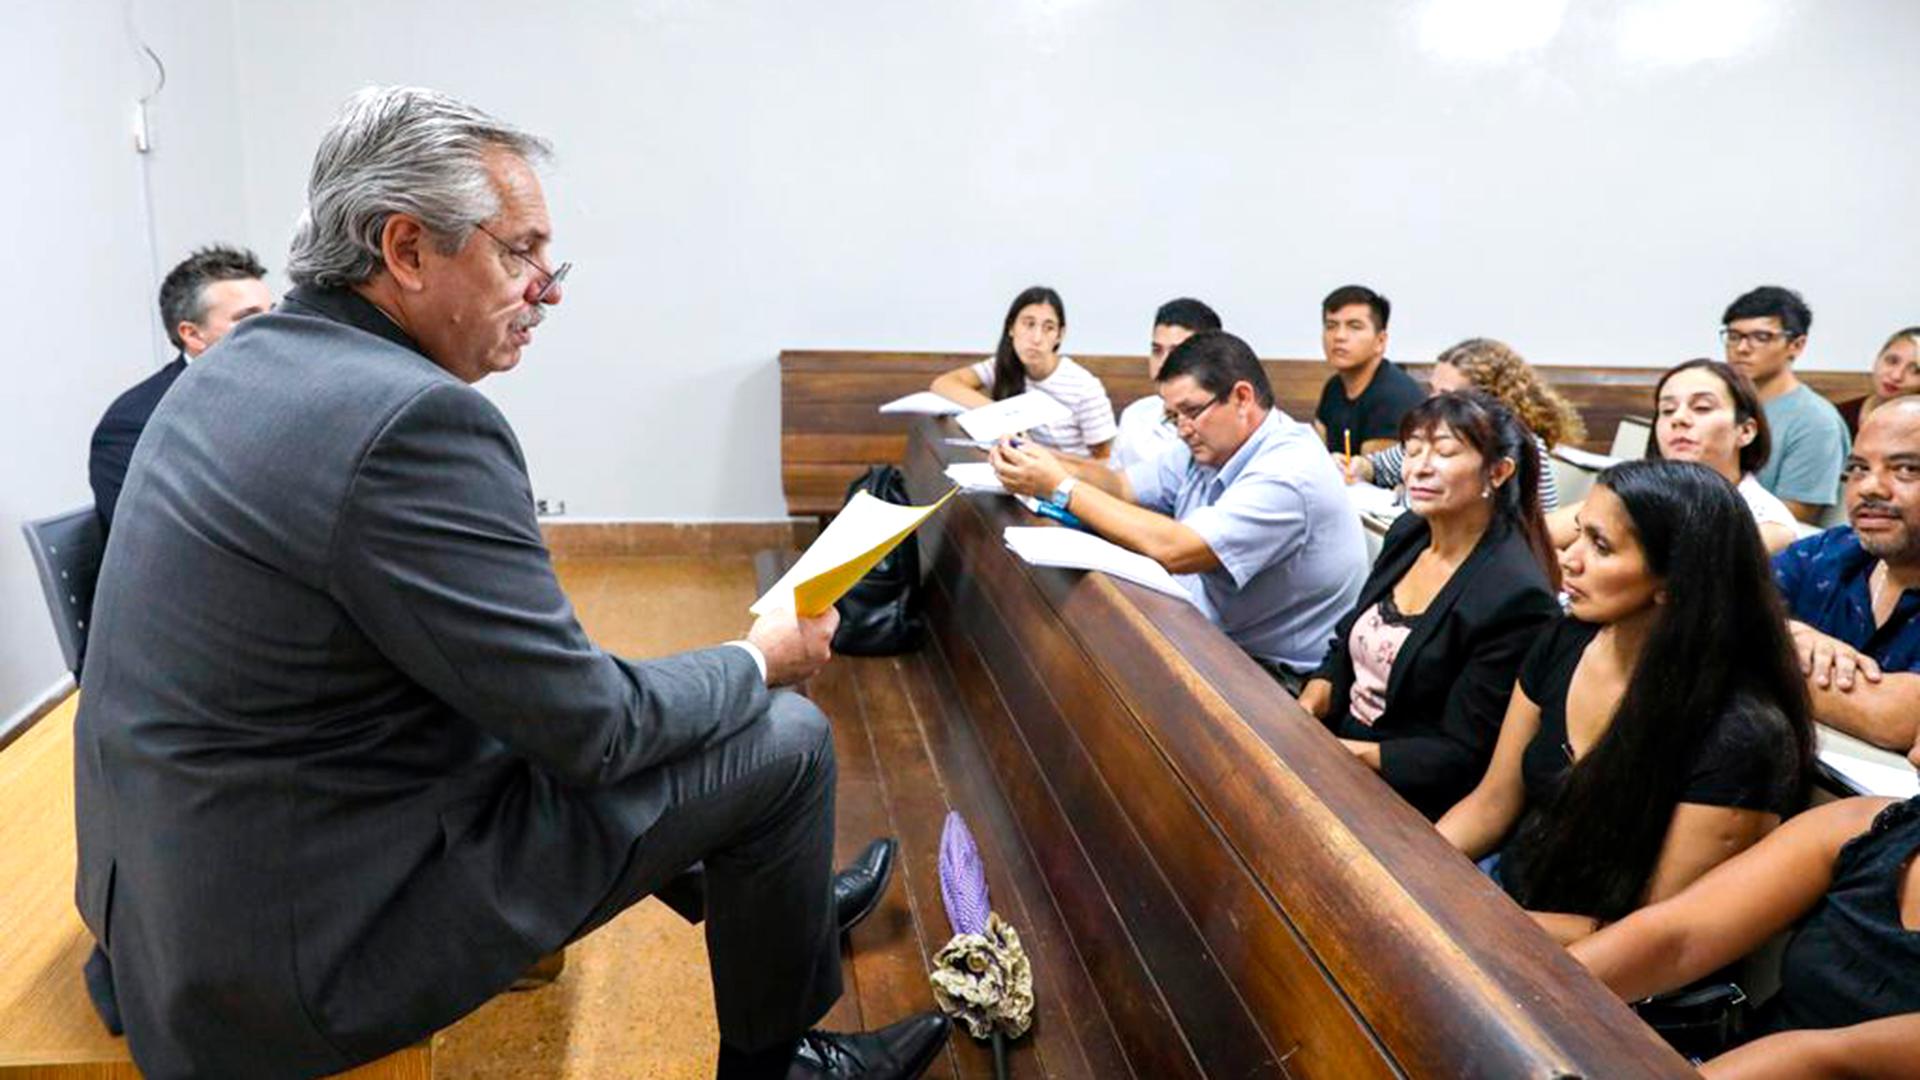 En medio de la preocupación por el coronavirus, Alberto Fernández fue a dar  clases a la Facultad de Derecho - Infobae